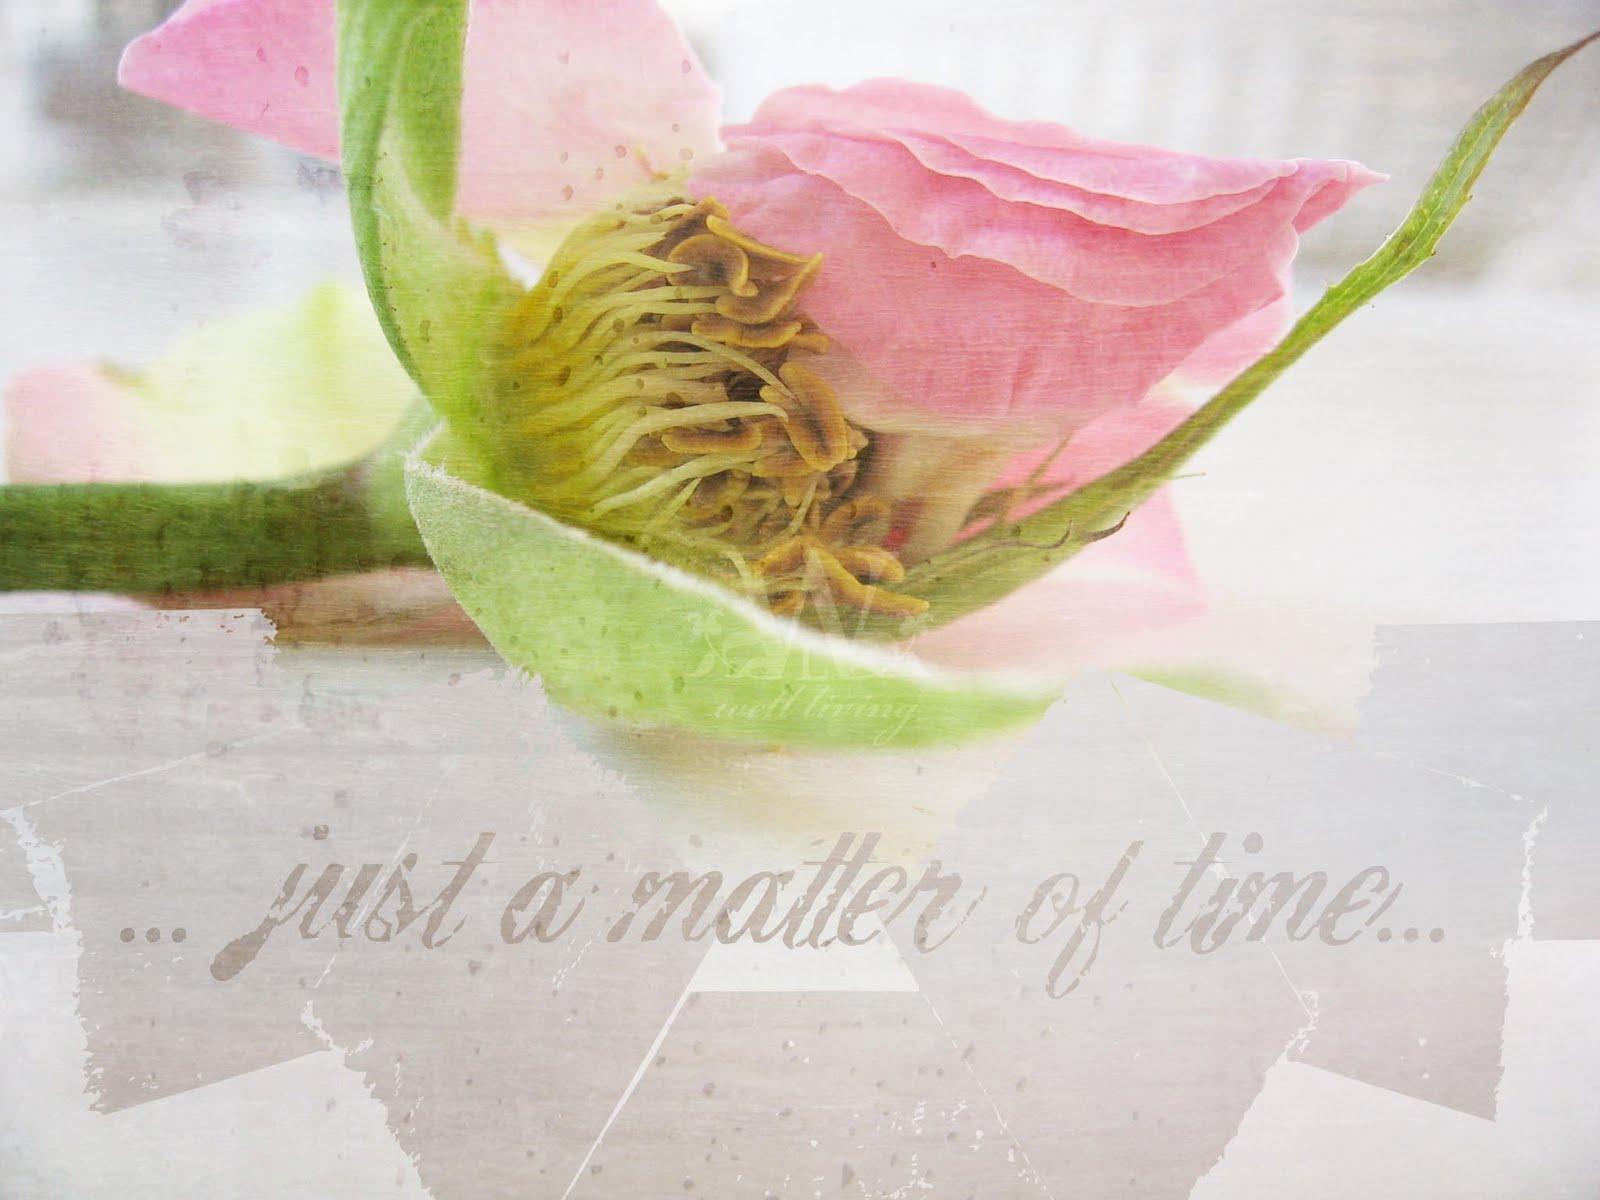 http://1.bp.blogspot.com/_vGuBhXbtgU8/TFMr4Z6OVoI/AAAAAAAAAmA/q4W6qsAyF5Y/s1600/wallpaper_rose.jpg